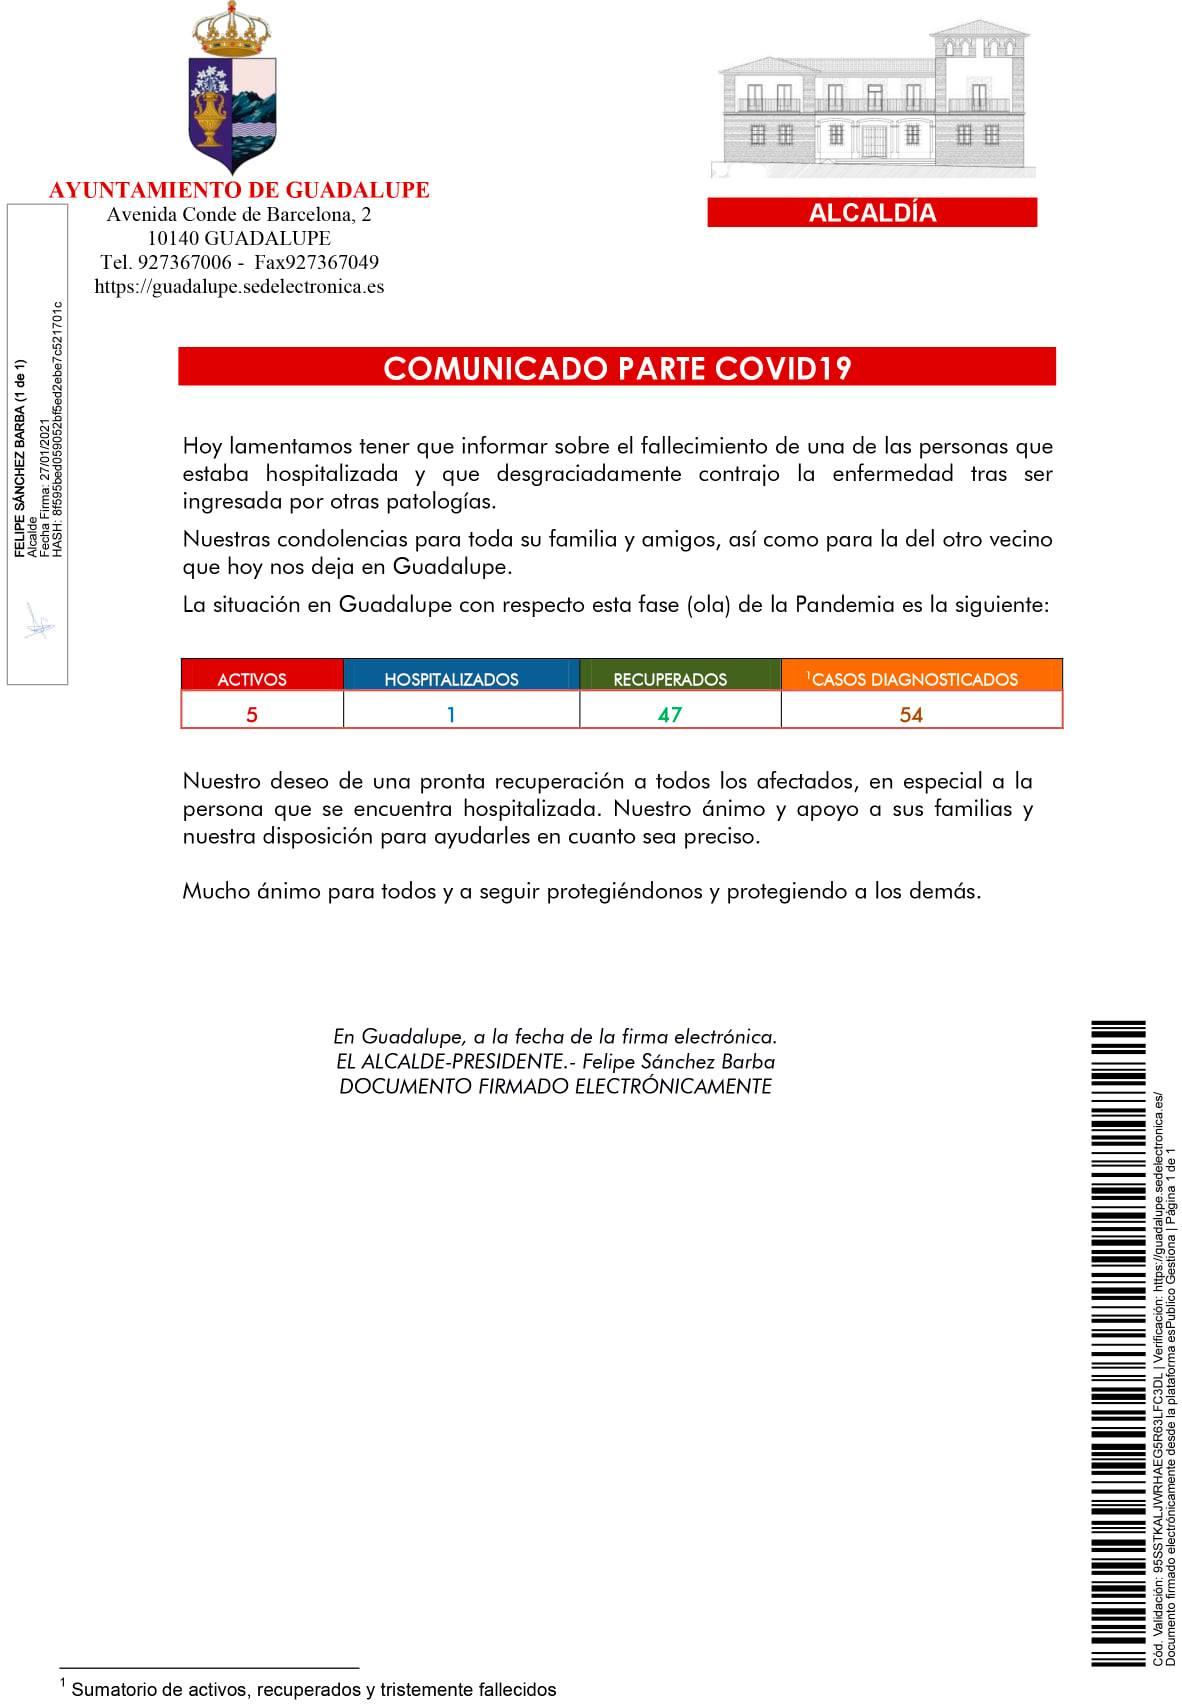 Segundo fallecido y nuevo caso positivo de COVID-19 (enero 2021) - Guadalupe (Cáceres) 1